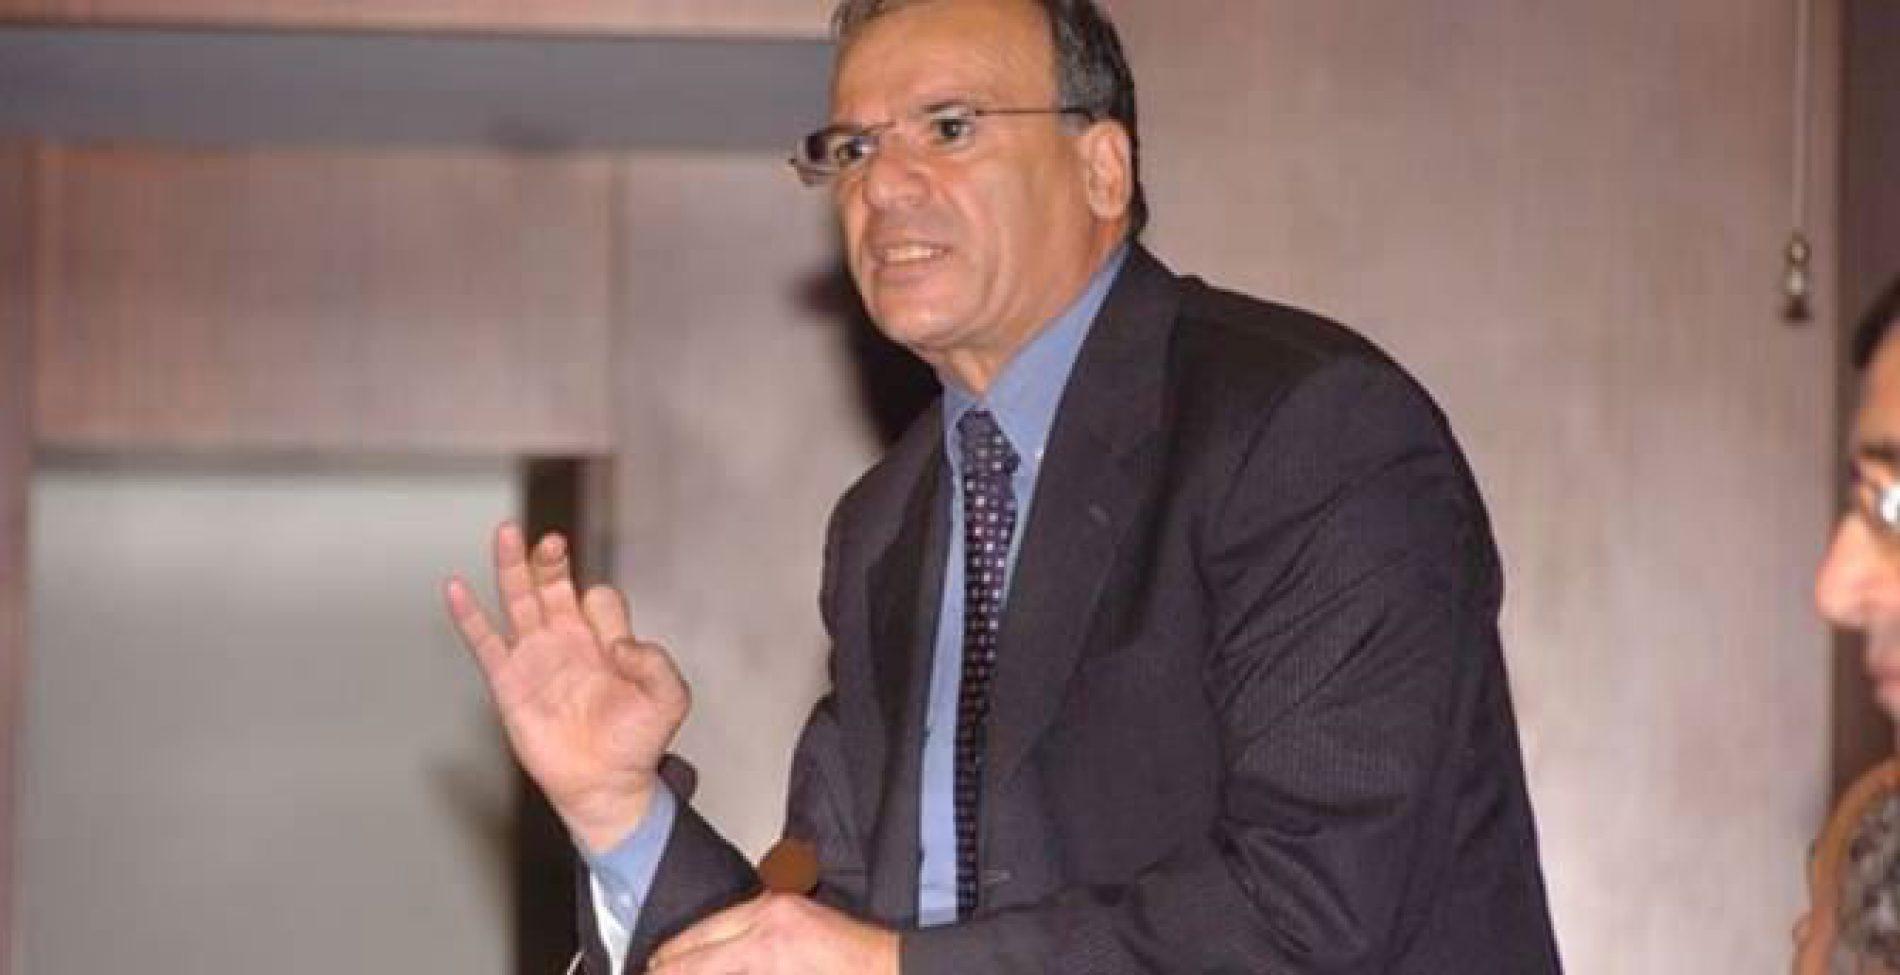 Elezione Domenico Tallini:Granata(Legalità Democratica),la dichiarazione di Nicola Morra inopportuna.